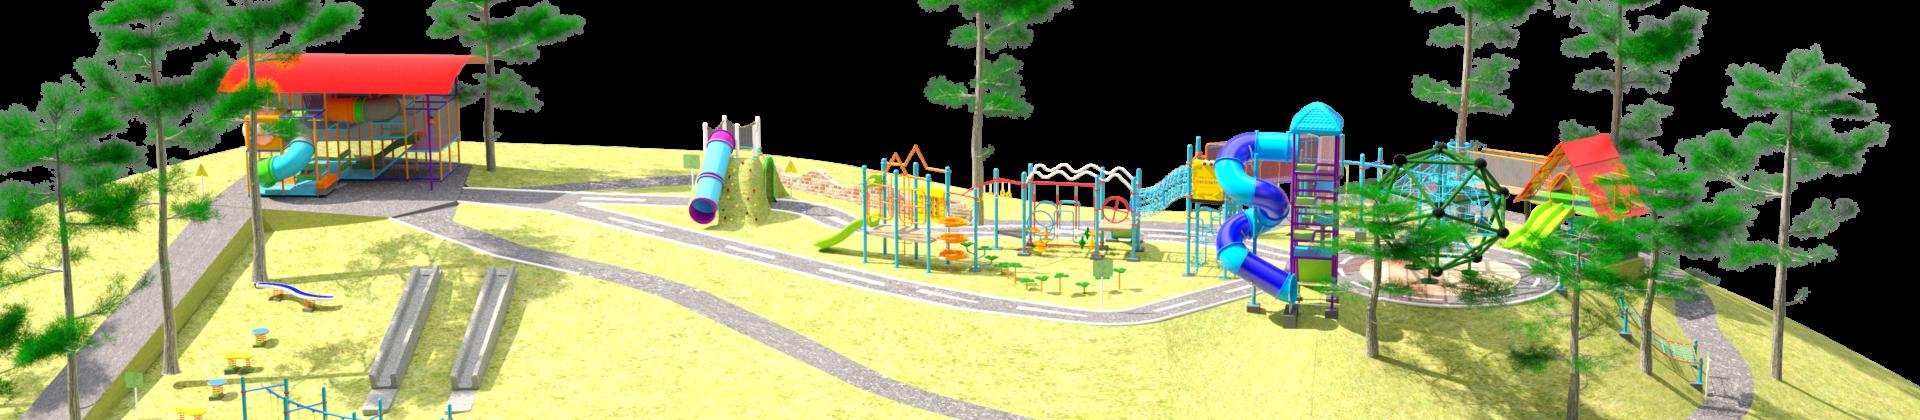 Sala de prensa | Diseño de Parques Infantiles